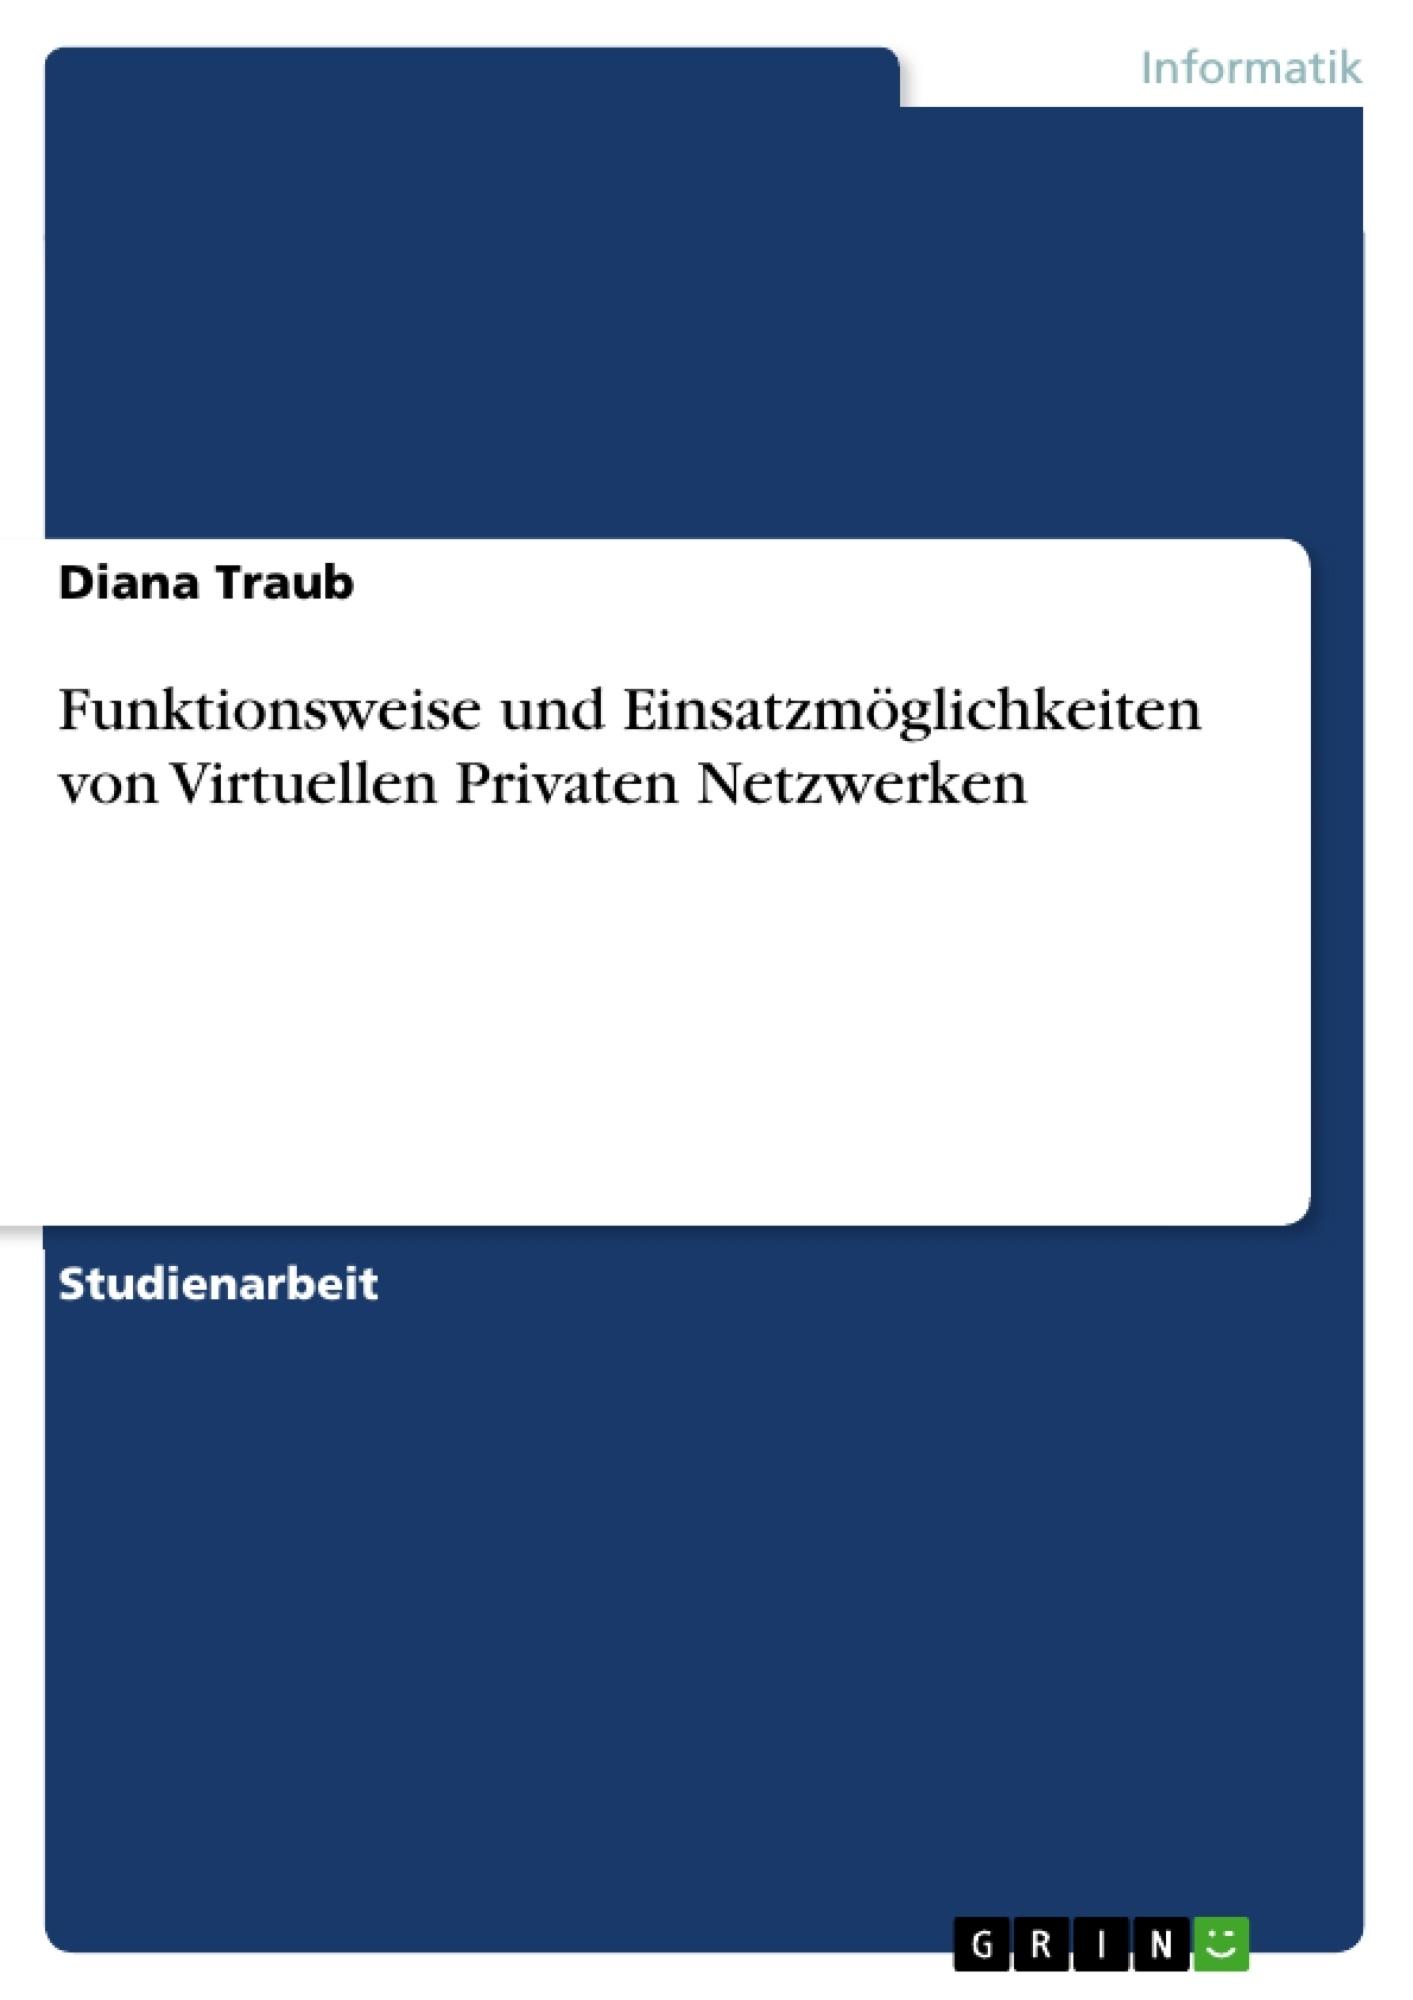 Titel: Funktionsweise und Einsatzmöglichkeiten von Virtuellen Privaten Netzwerken